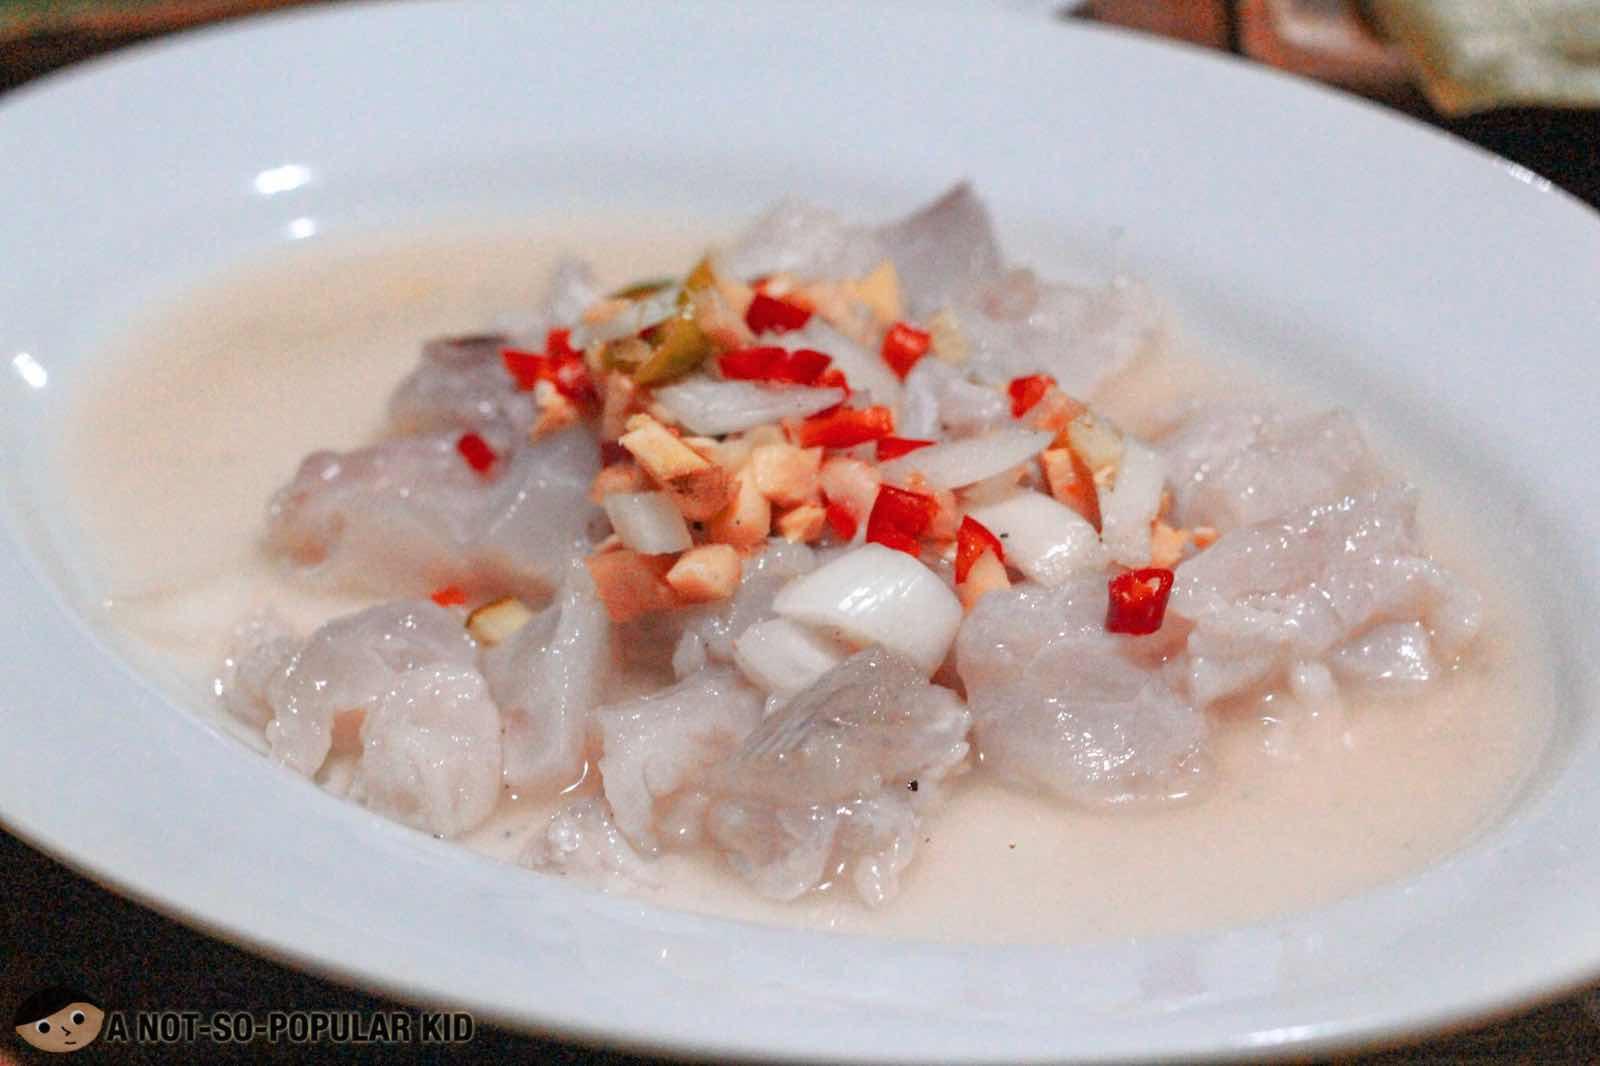 Kinilaw na Tangiue in Ningnangan Seafood Paluto, Bulacan